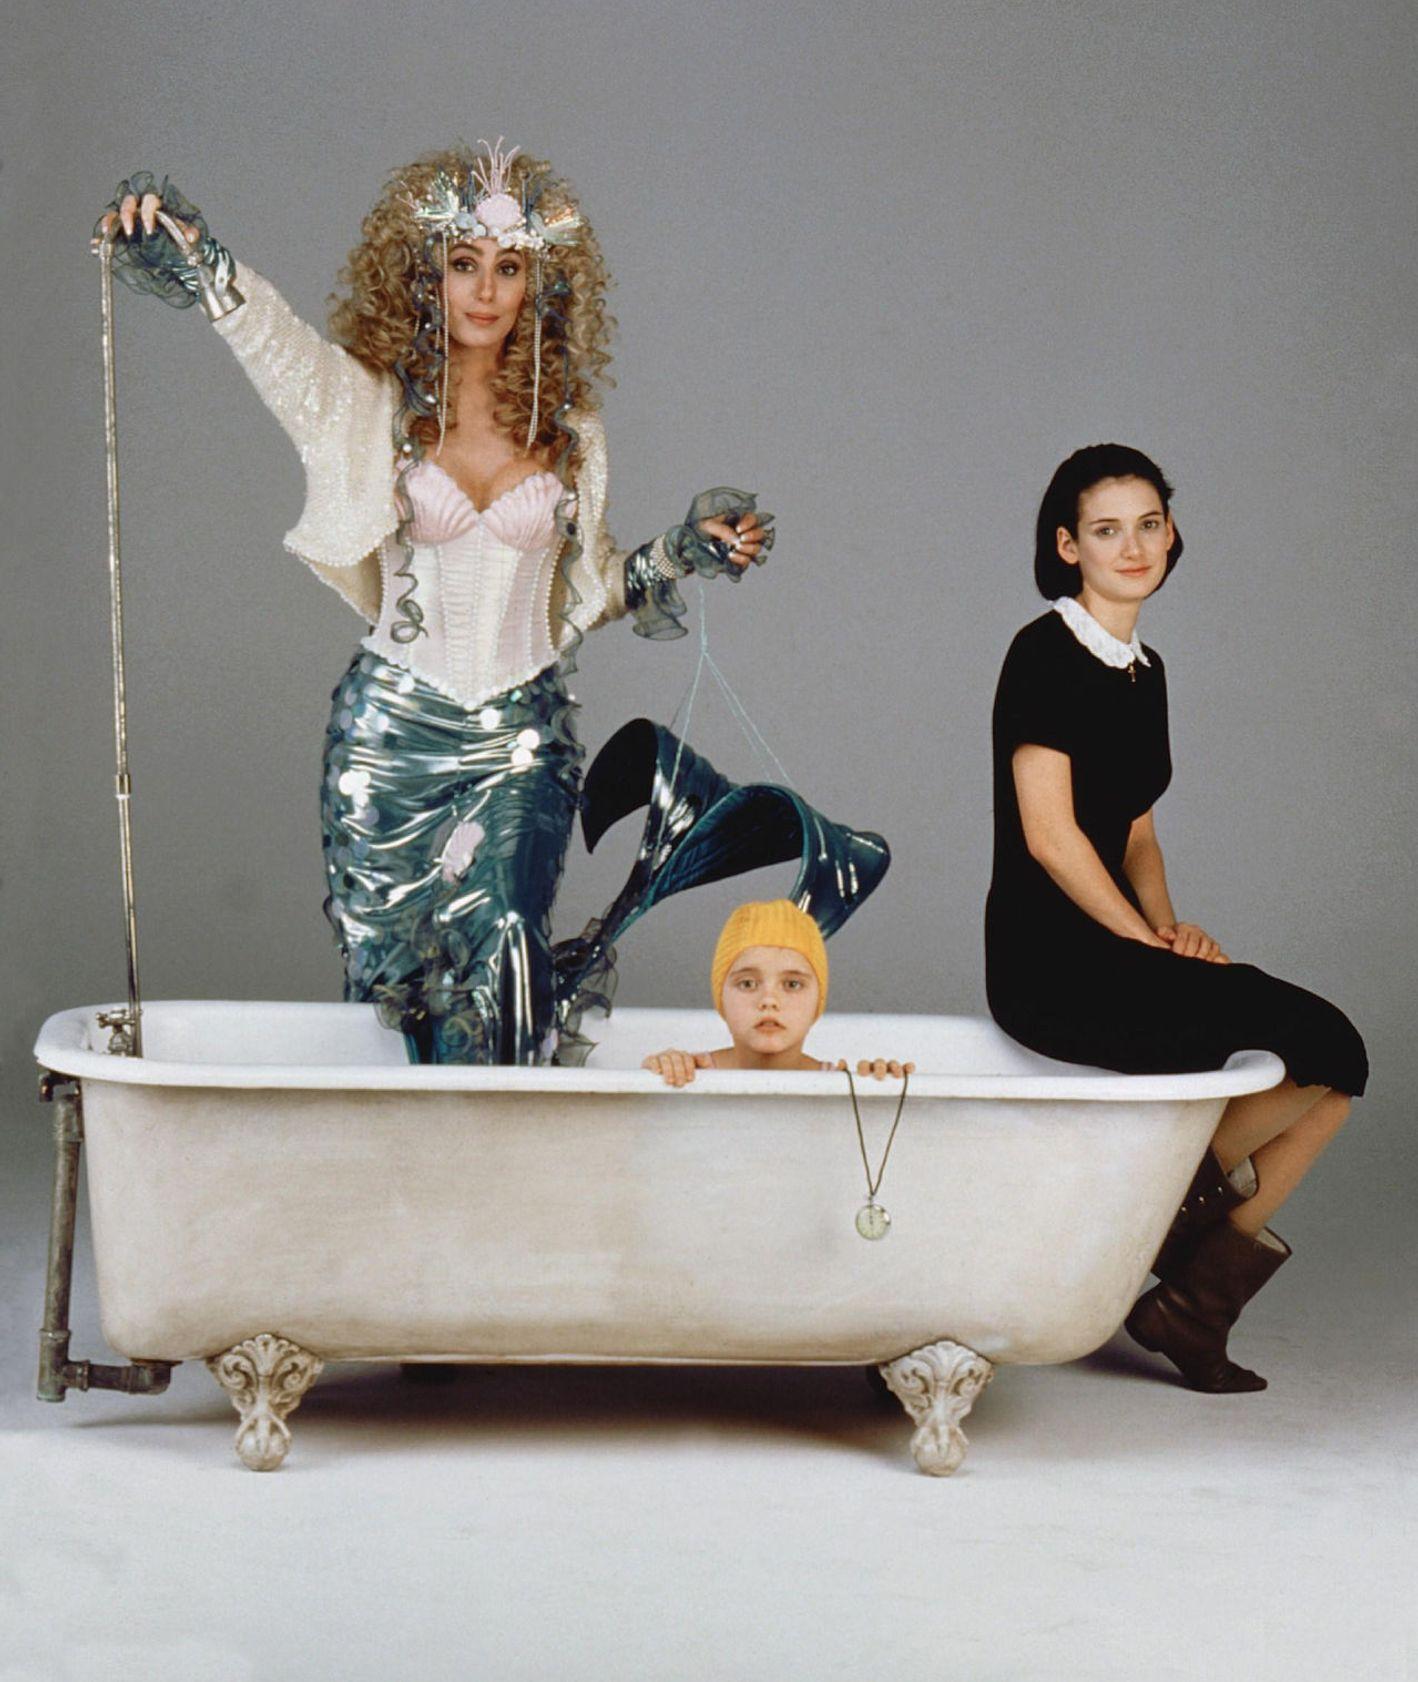 """Kadr z filmu """"Syreny"""" – mama Rachel Flax w stroju syreny, wchodzi do wanny, w której siedzi jej młodsza córka w kąpielowym czepku, obok starsza córka w czarnej sukience, siedząca na brzegu wanny"""